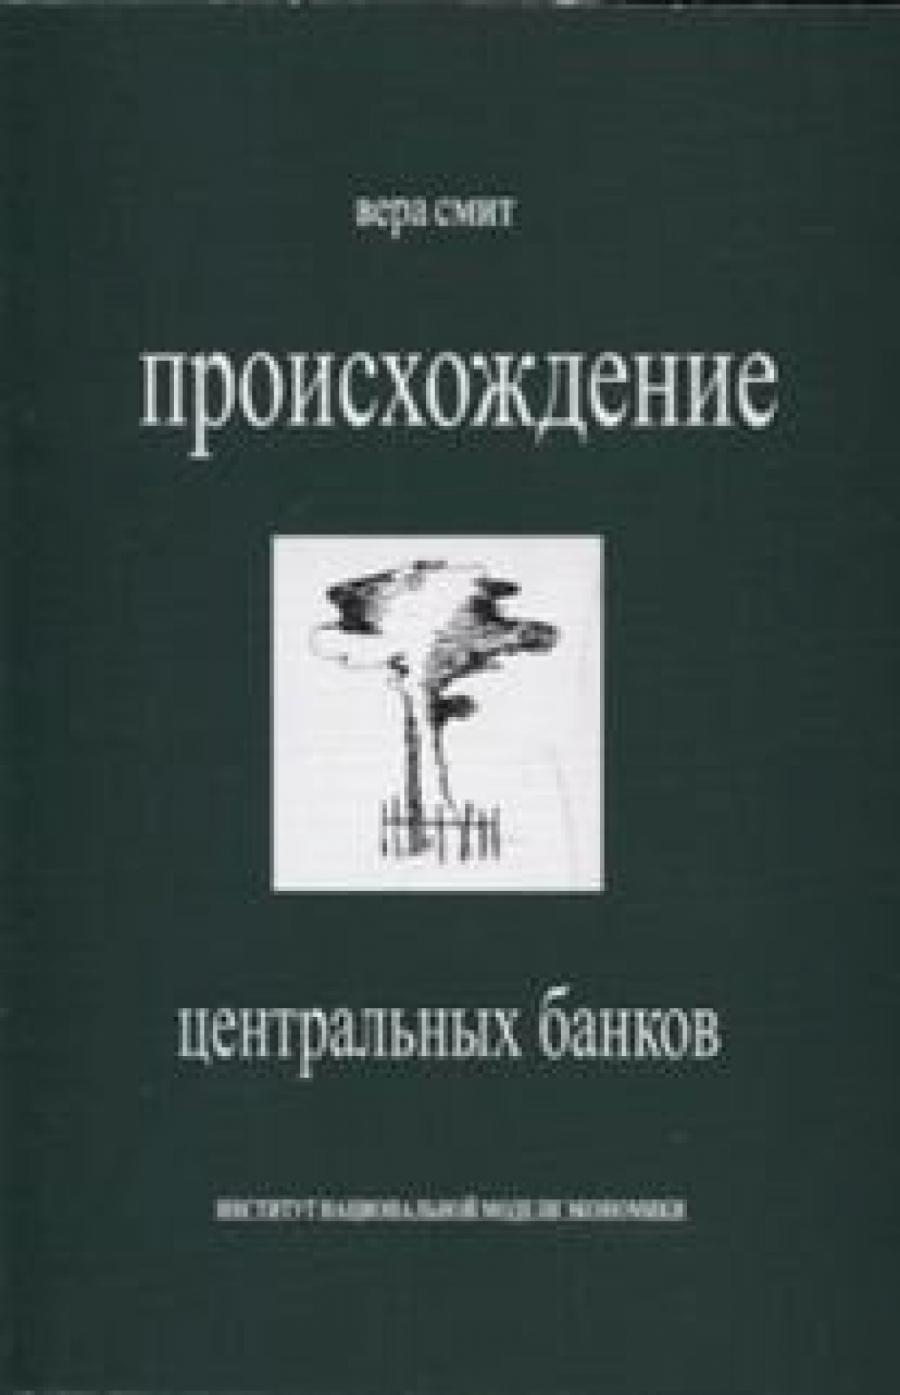 Обложка книги:  смит вера - происхождение центральных банков